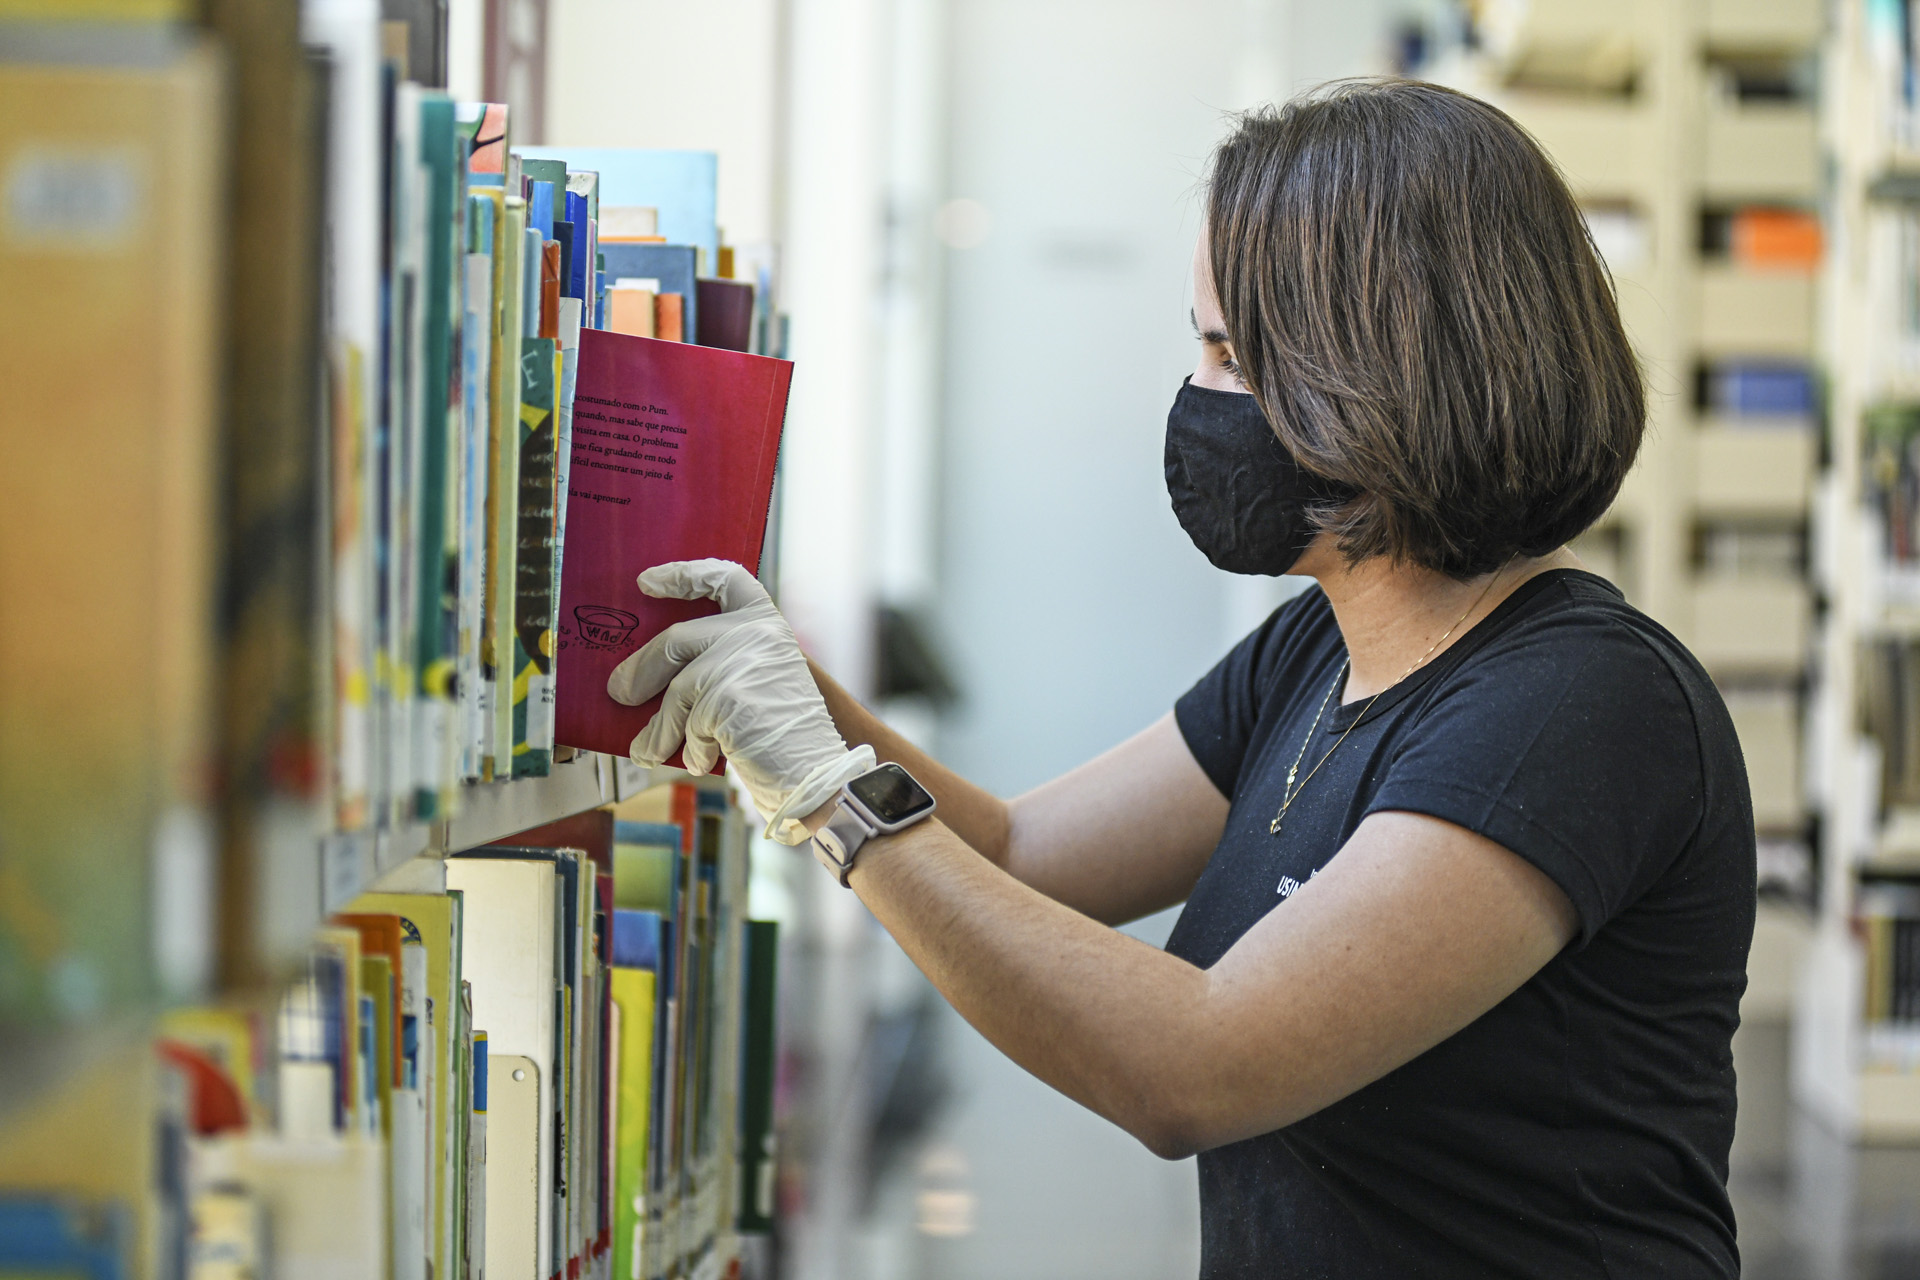 Central de Ideias conquista sócios com Delivery de Livros